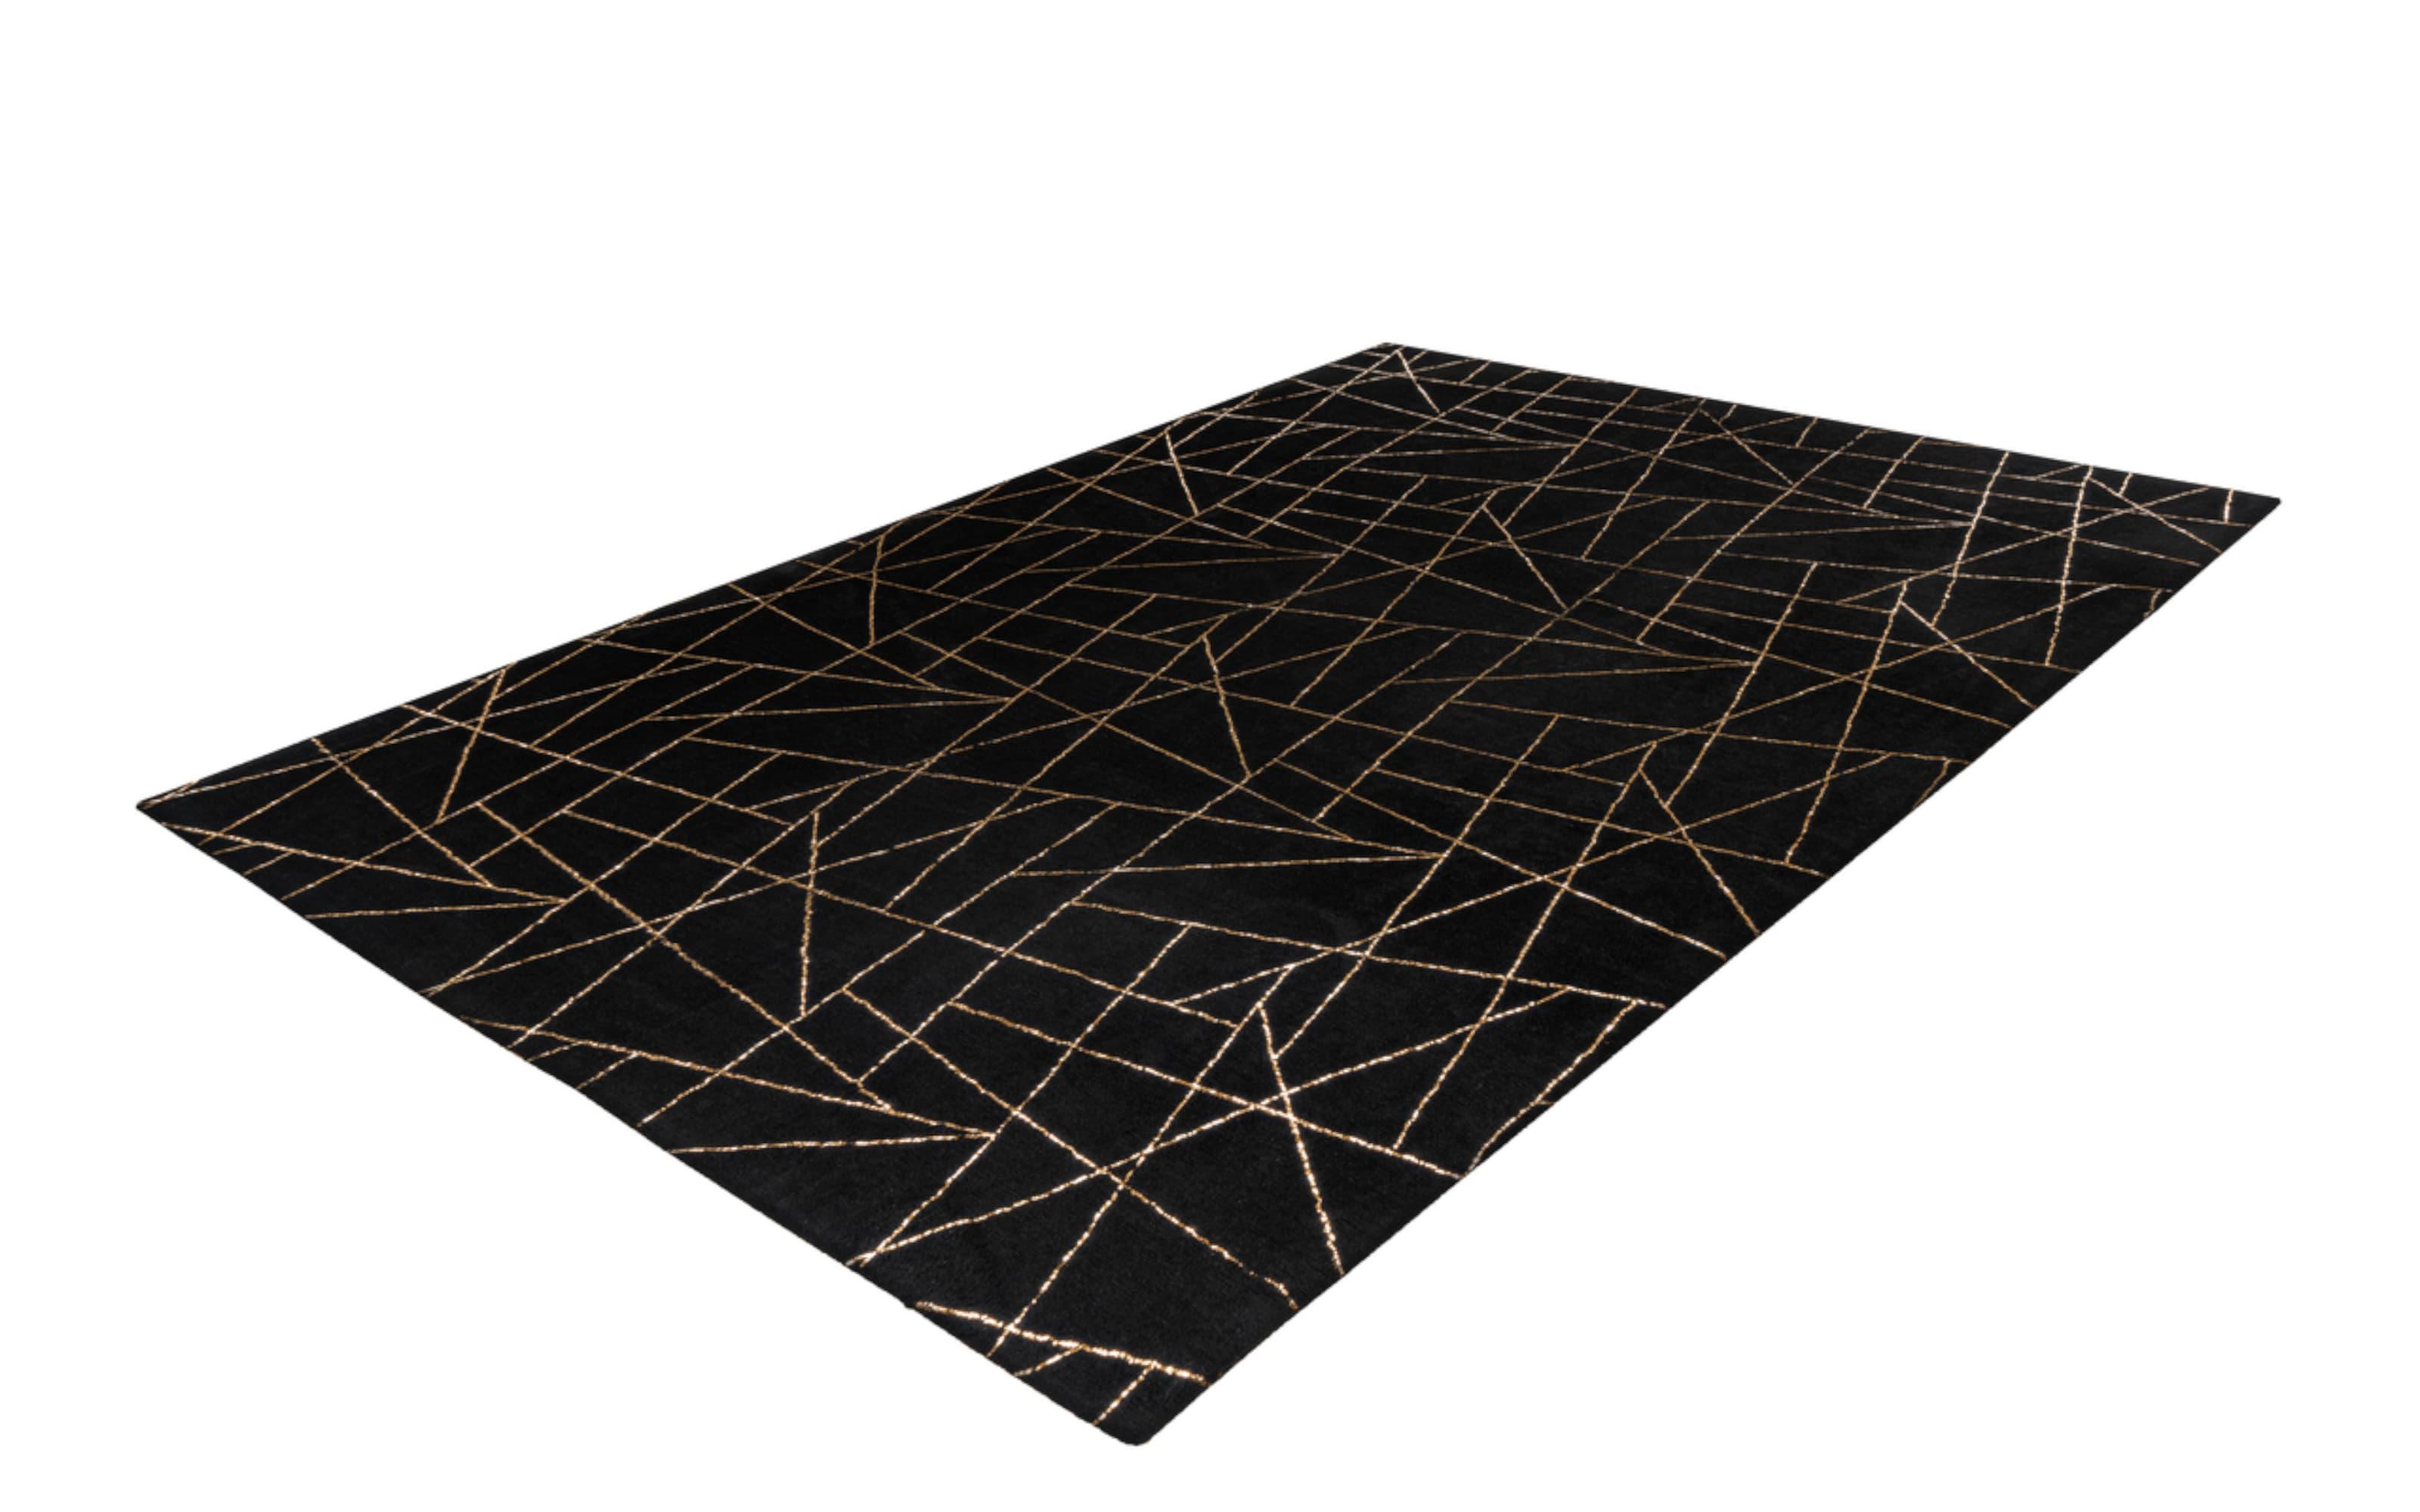 Teppich Bijou 125 in schwarz/gold, ca. 160 x 230 cm